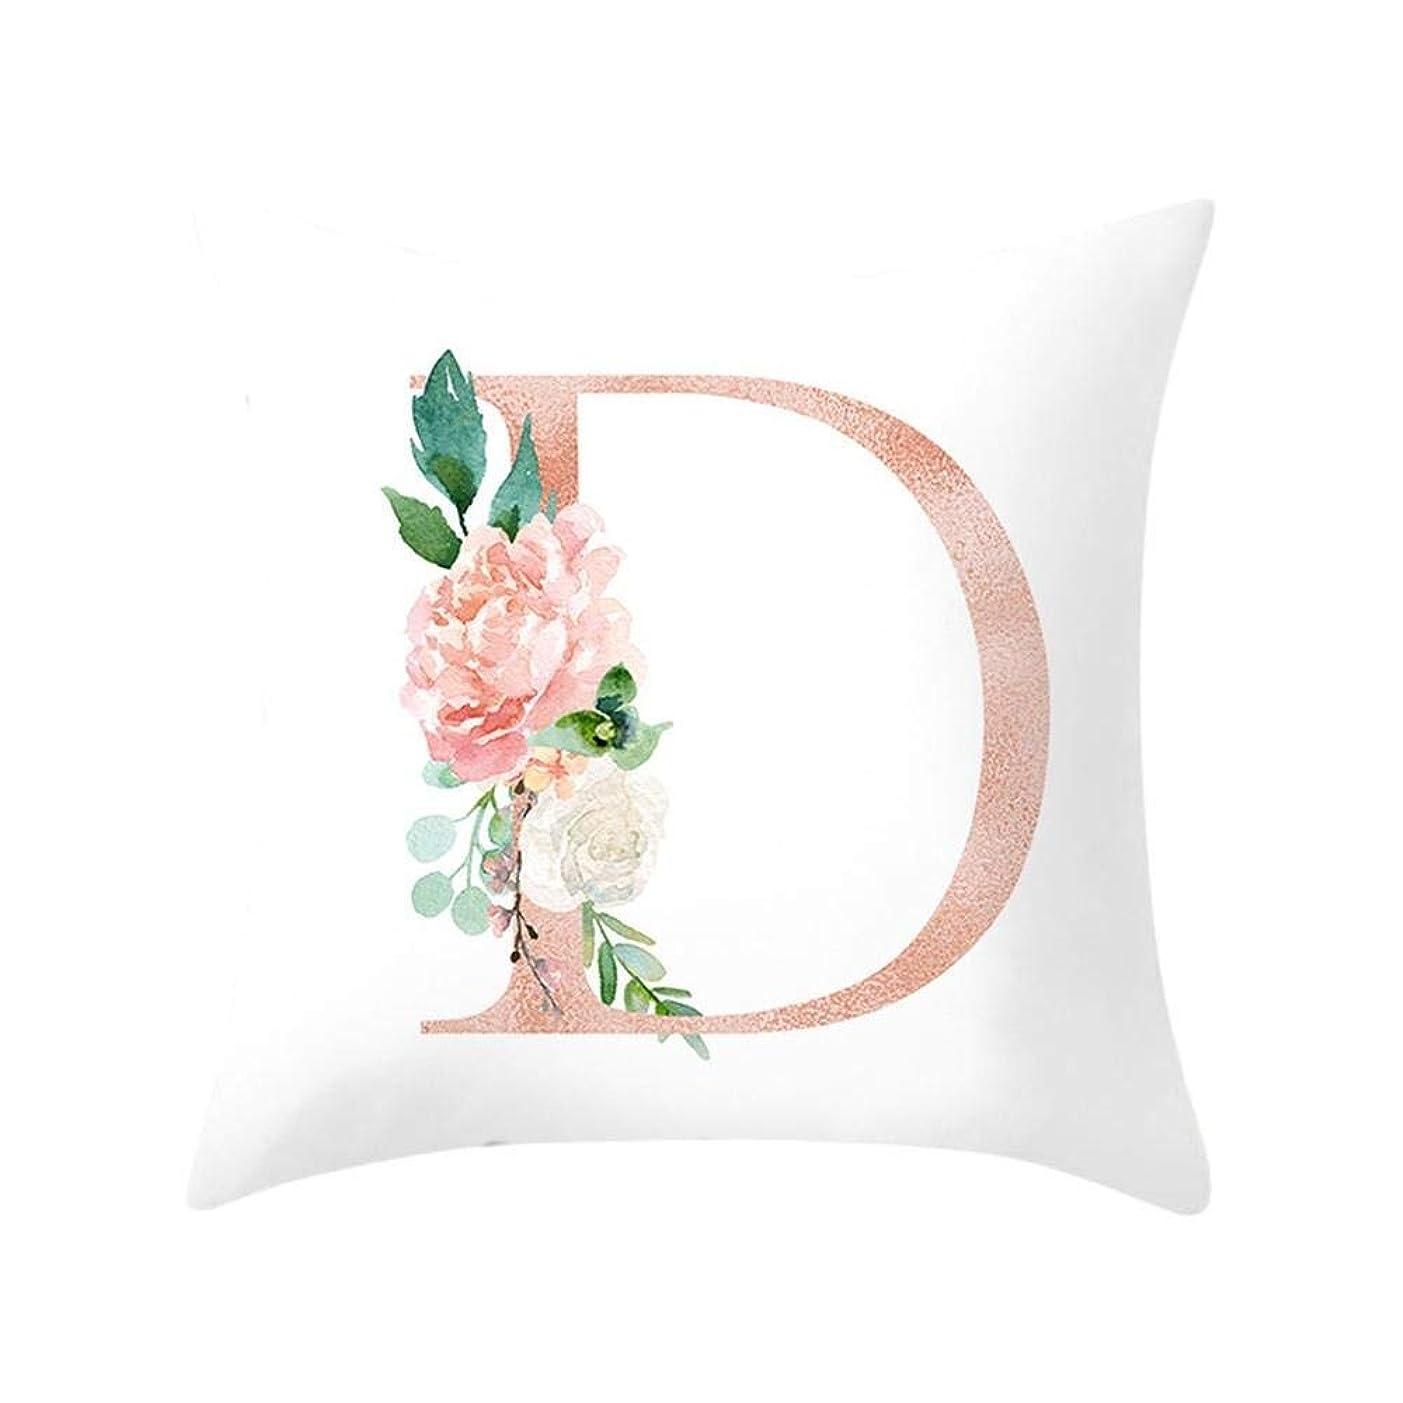 背景こどもの宮殿スキムLIFE 装飾クッションソファ手紙枕アルファベットクッション印刷ソファ家の装飾の花枕 coussin decoratif クッション 椅子